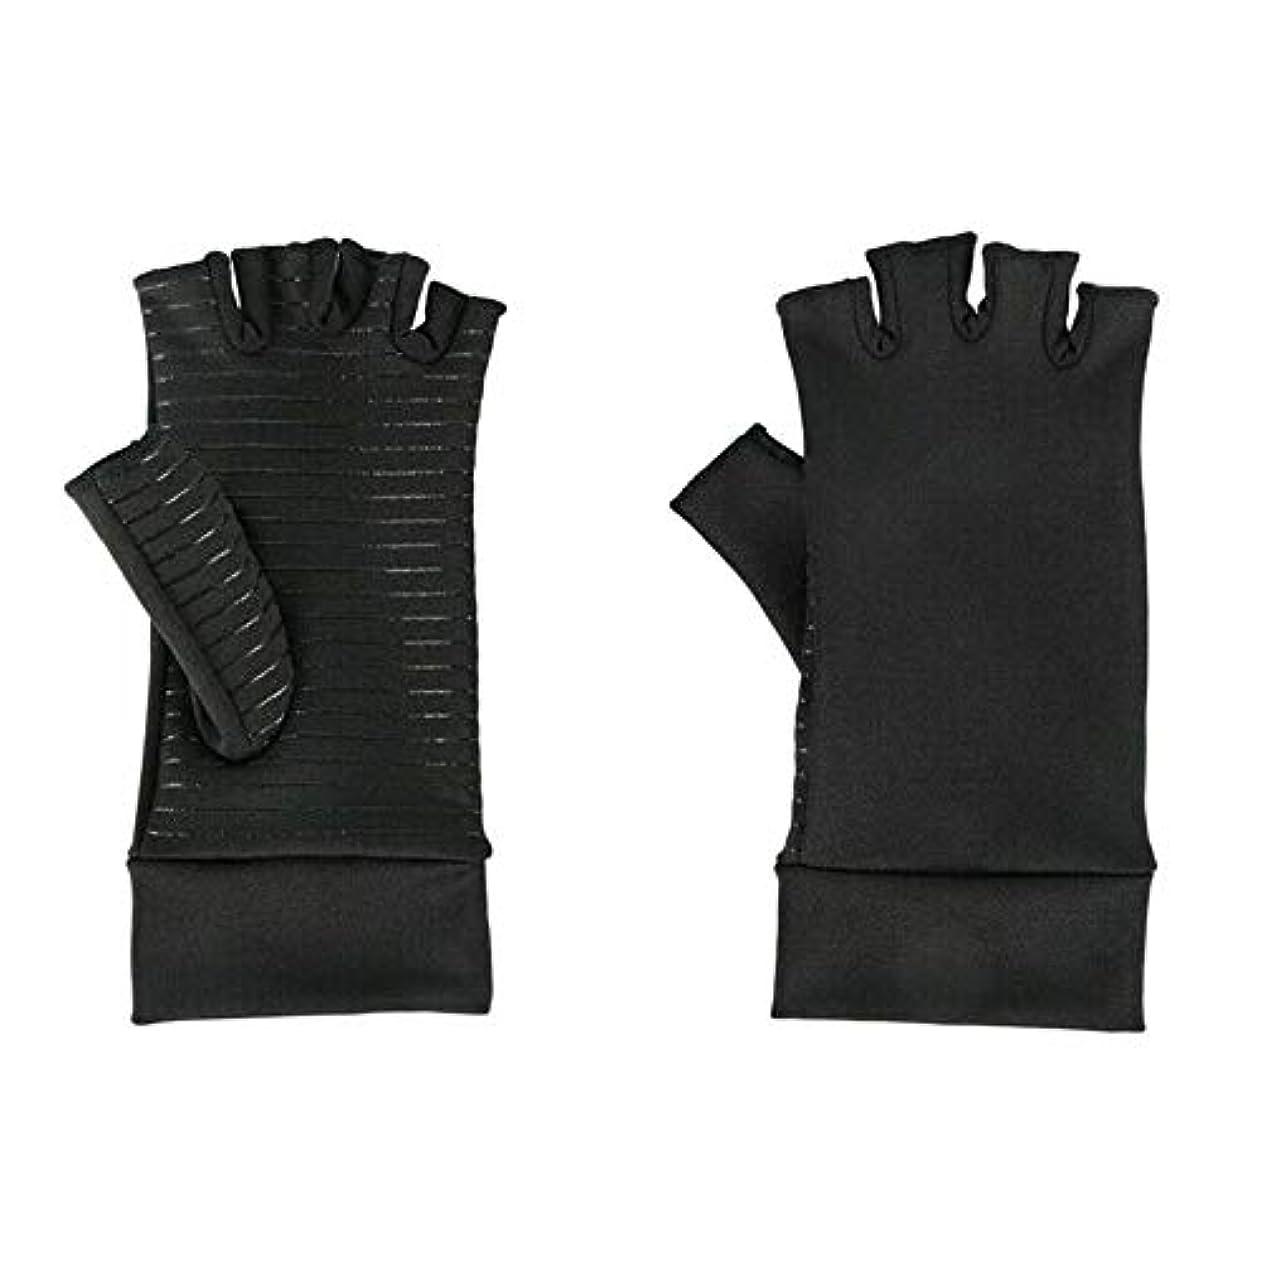 アンデス山脈キャスト入場ACAMPTAR 圧縮手袋、関節炎、手根管、手首の装具、サポート、M